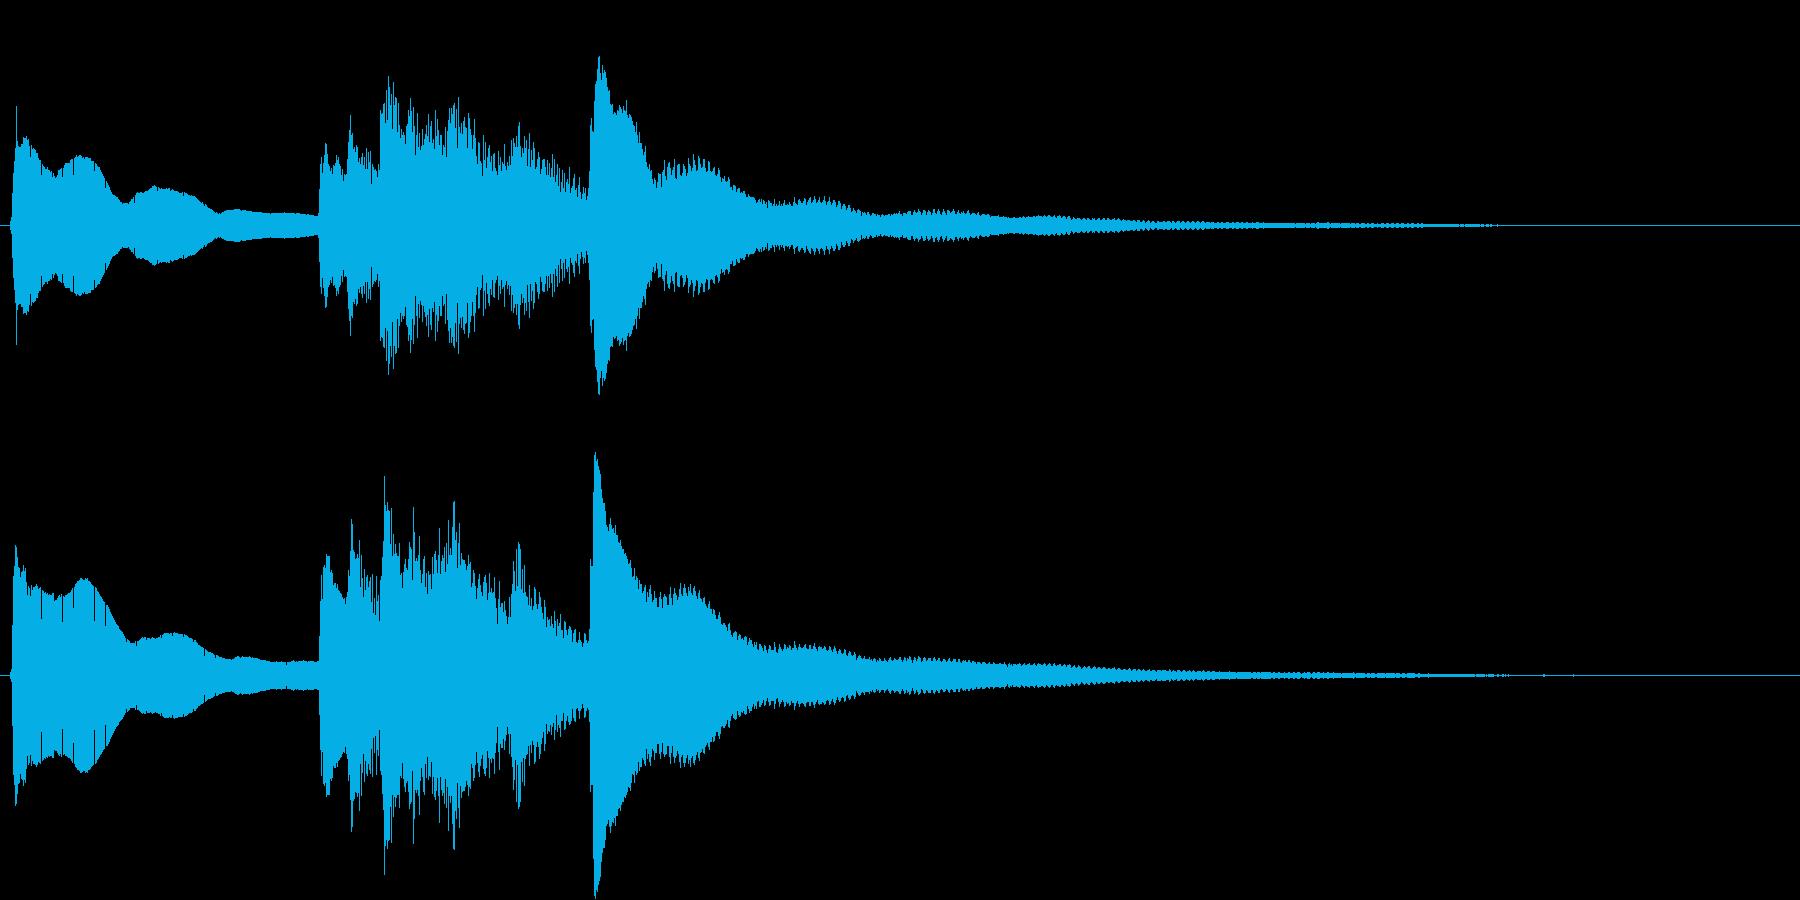 お正月の定番曲「春の海」から冒頭フレーズの再生済みの波形